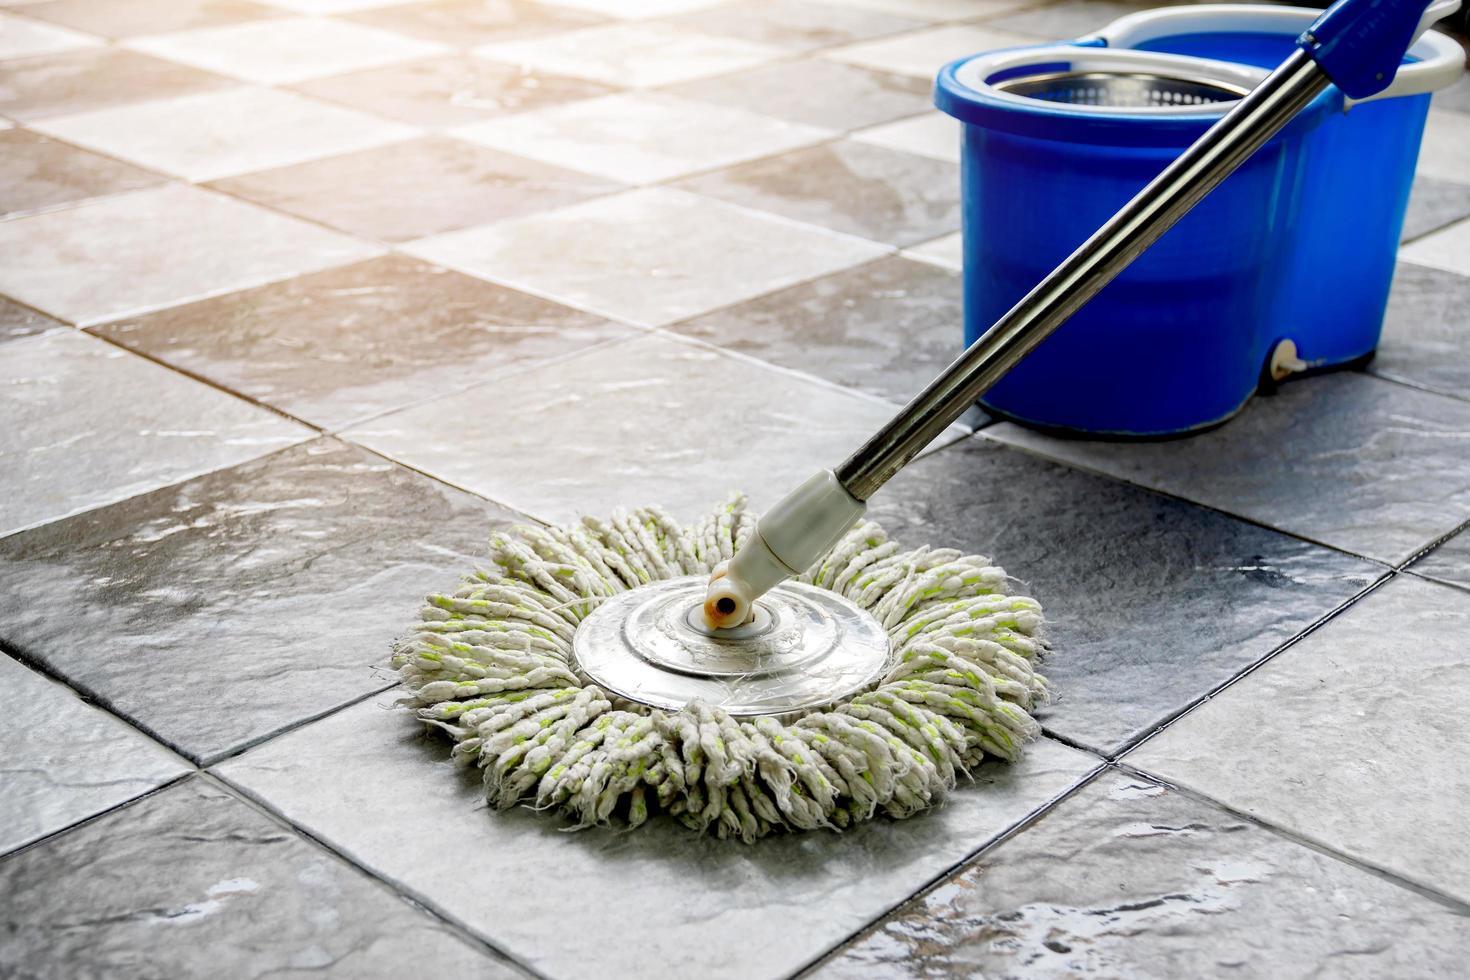 rengöra klinkergolv med moppar och golvrengöringsprodukter. foto